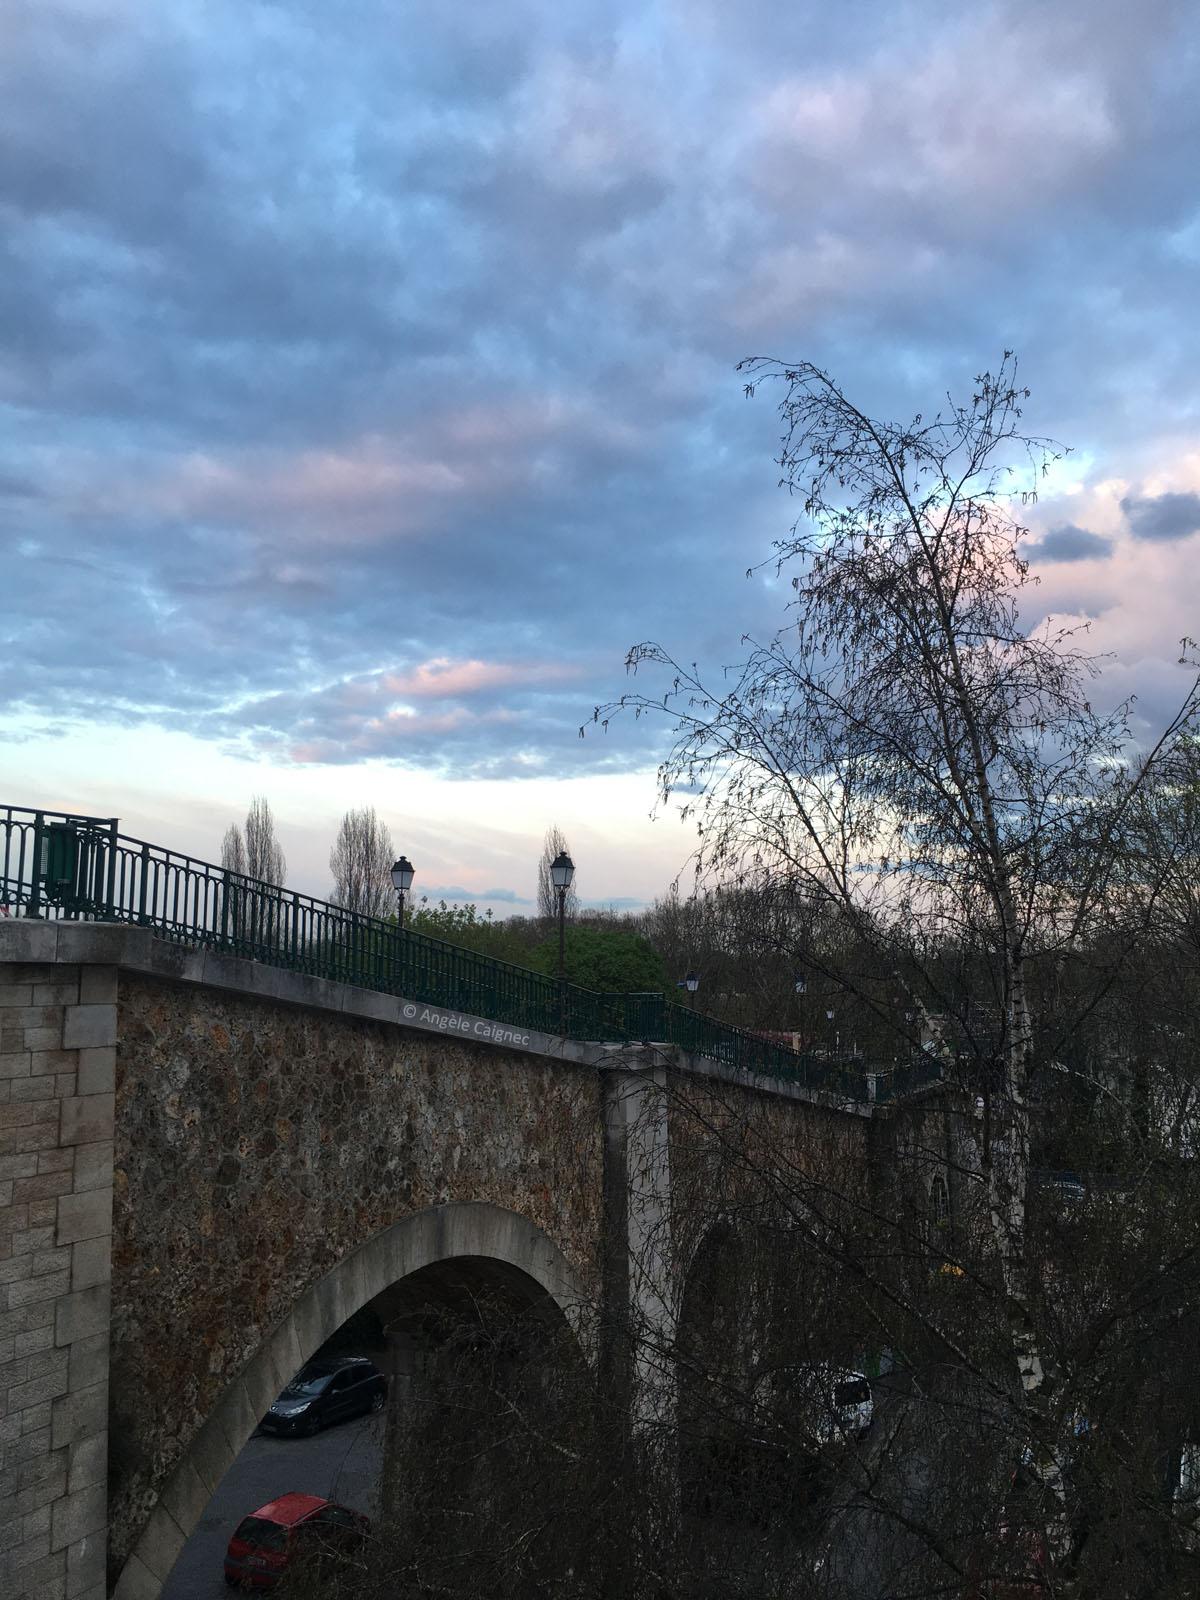 La passerelle piétonne qui relie Saint-Cloud à Boulogne-Billancourt